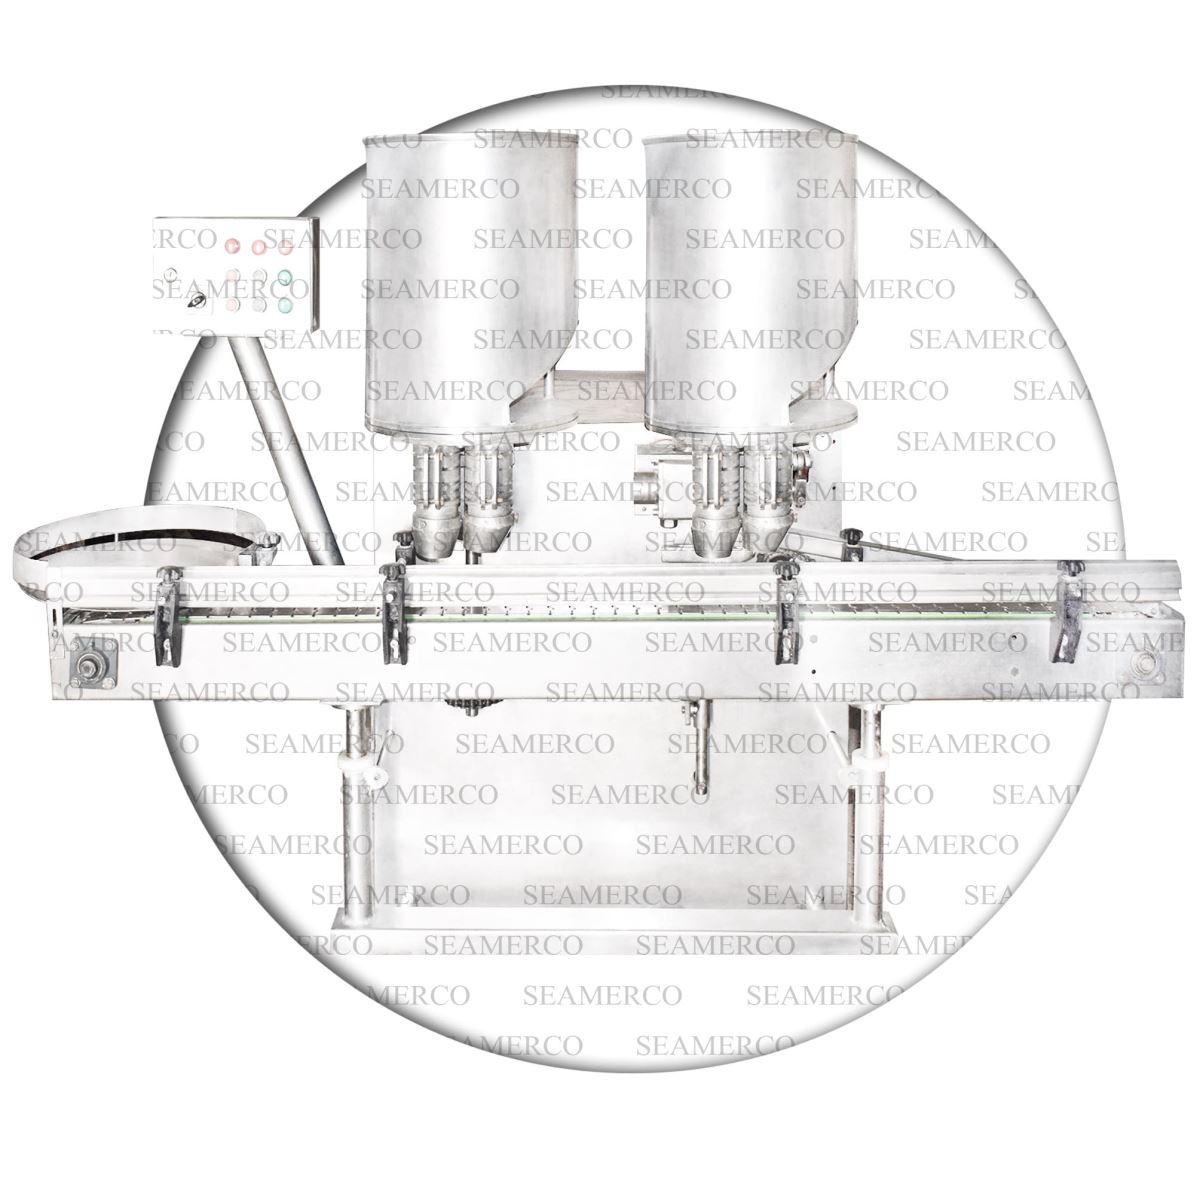 دستگاه پرکن مایعات-دستگاه پرکن چیست-دستگاه پرکن نیمه اتومات مایعات-قیمت دستگاه پرکن مایعات